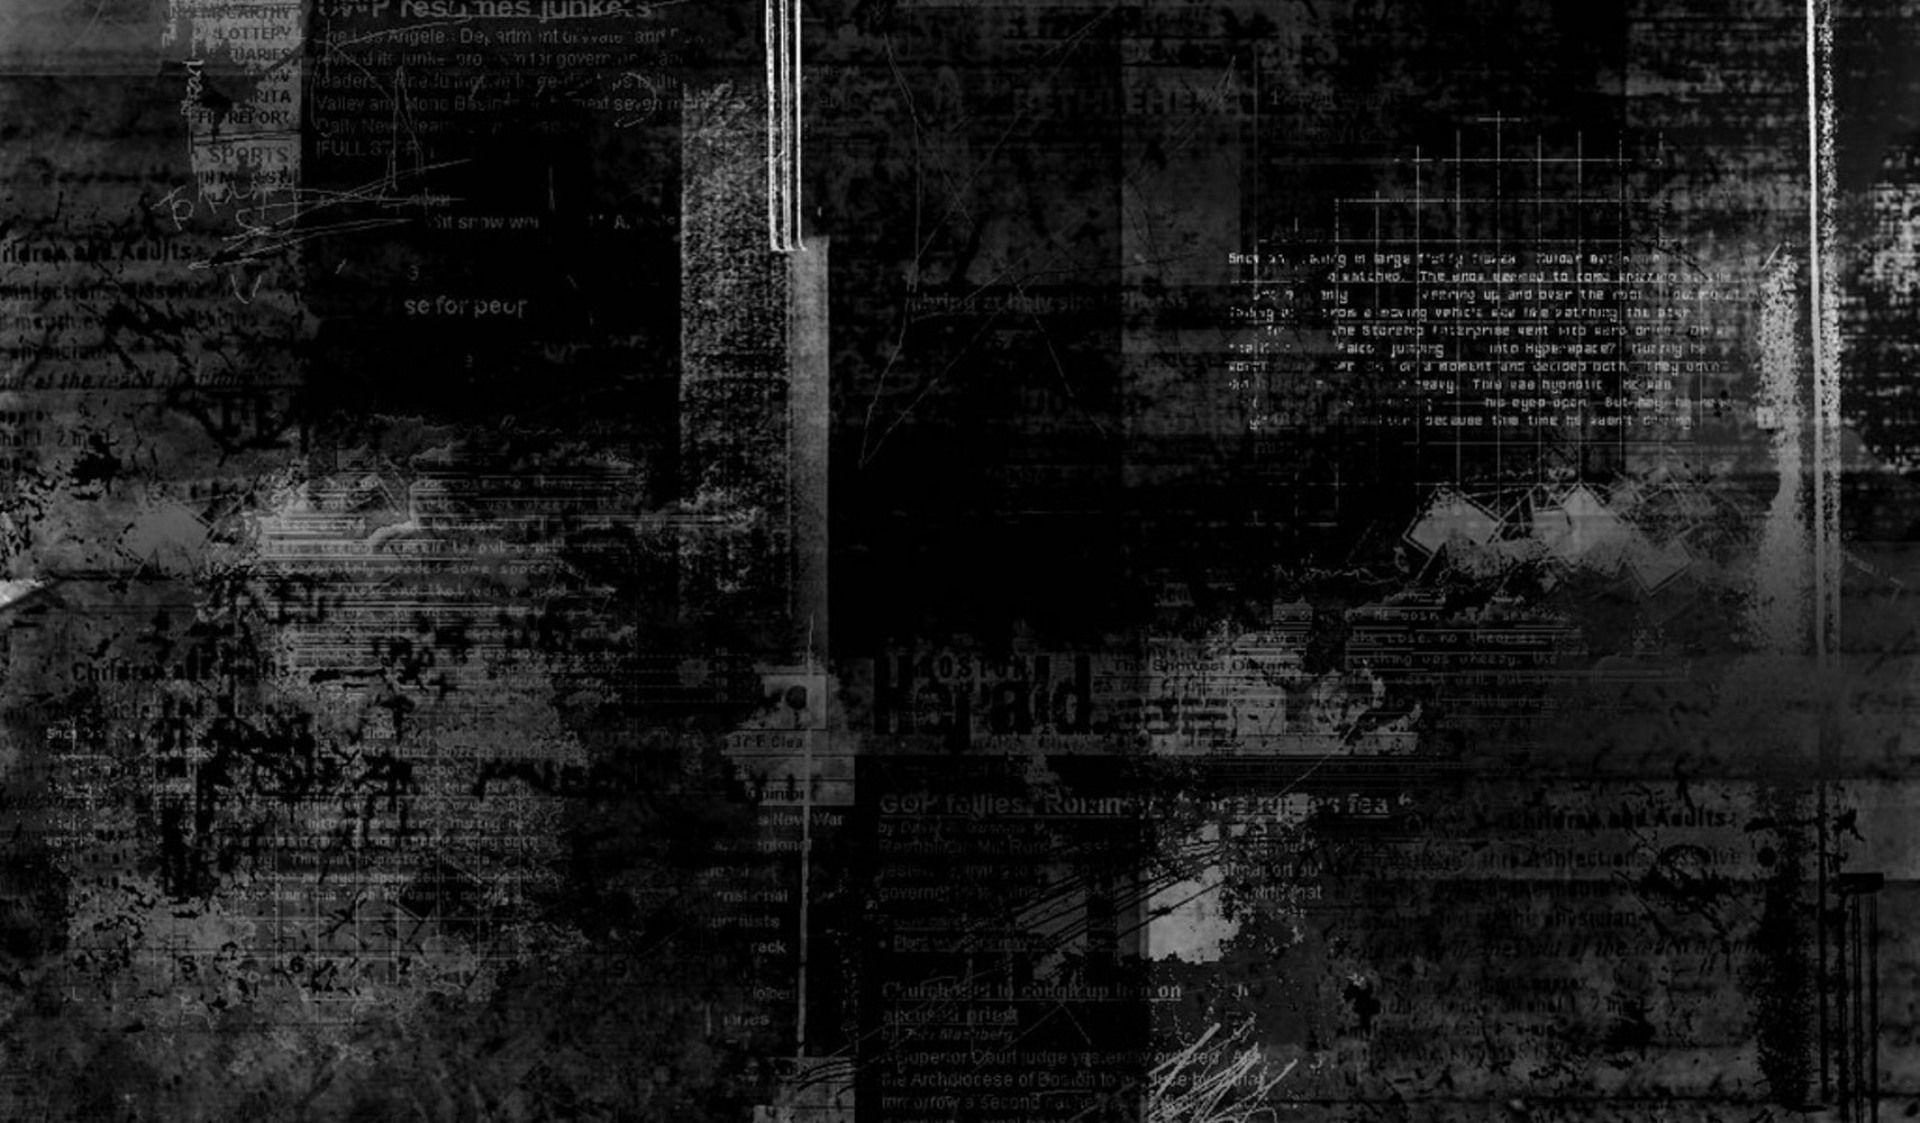 Black Abstract Wallpaper Hd Wallpaper Fofos Abstrato Papel De Parede Abstrato